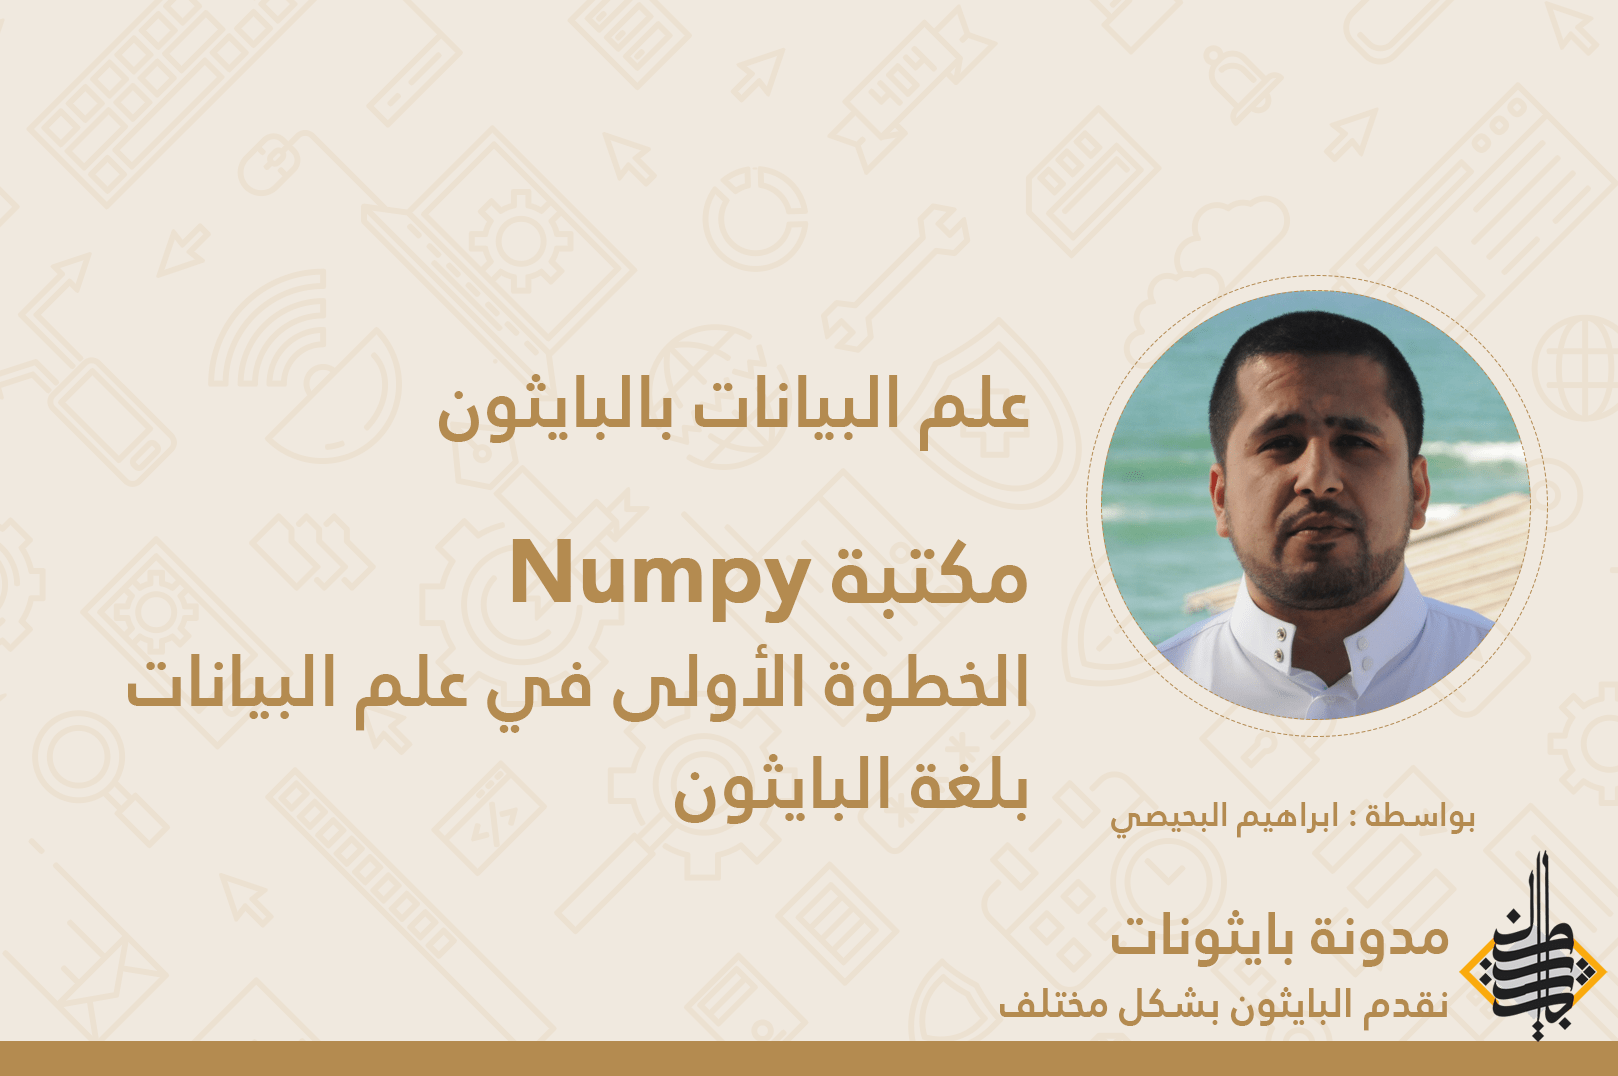 مكتبة Numpy - الخطوة الأولى في علم البيانات بلغة البايثون